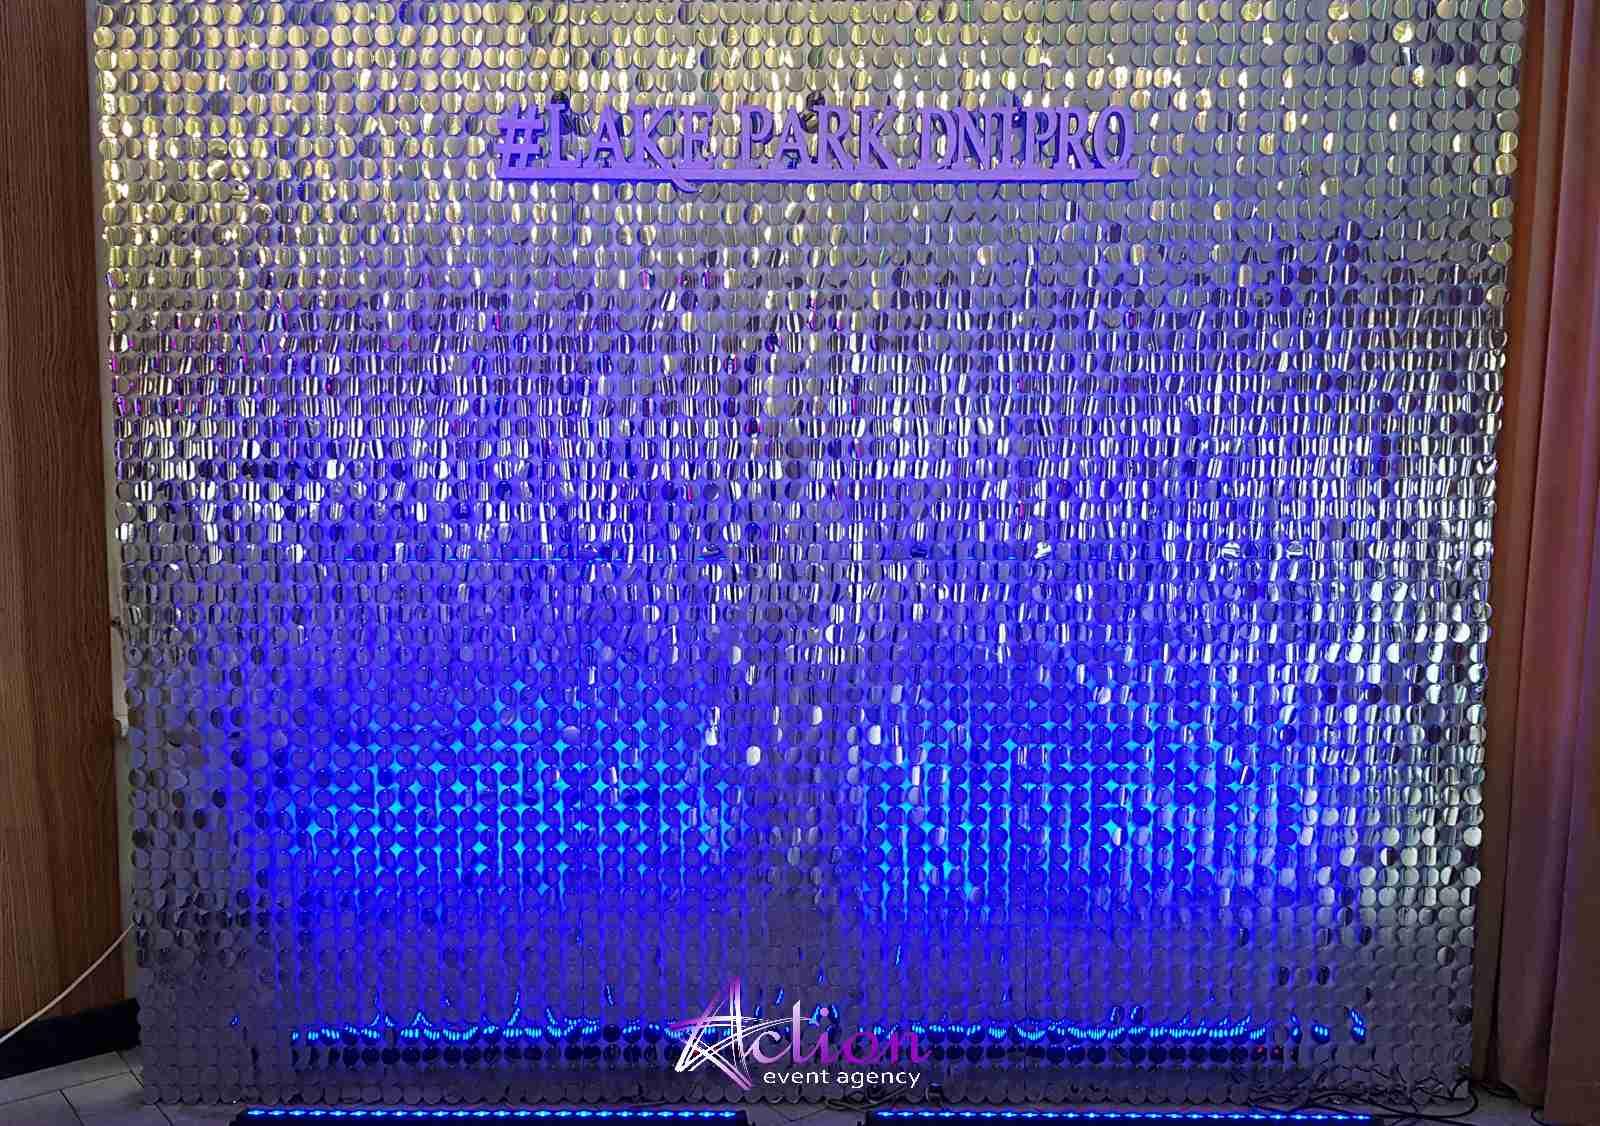 фотозона Днепр, Аренда фотозоны цены, пайеточная фотозона, живая фотозона Днепр action event agency экшен организатор мероприятий, пайтки